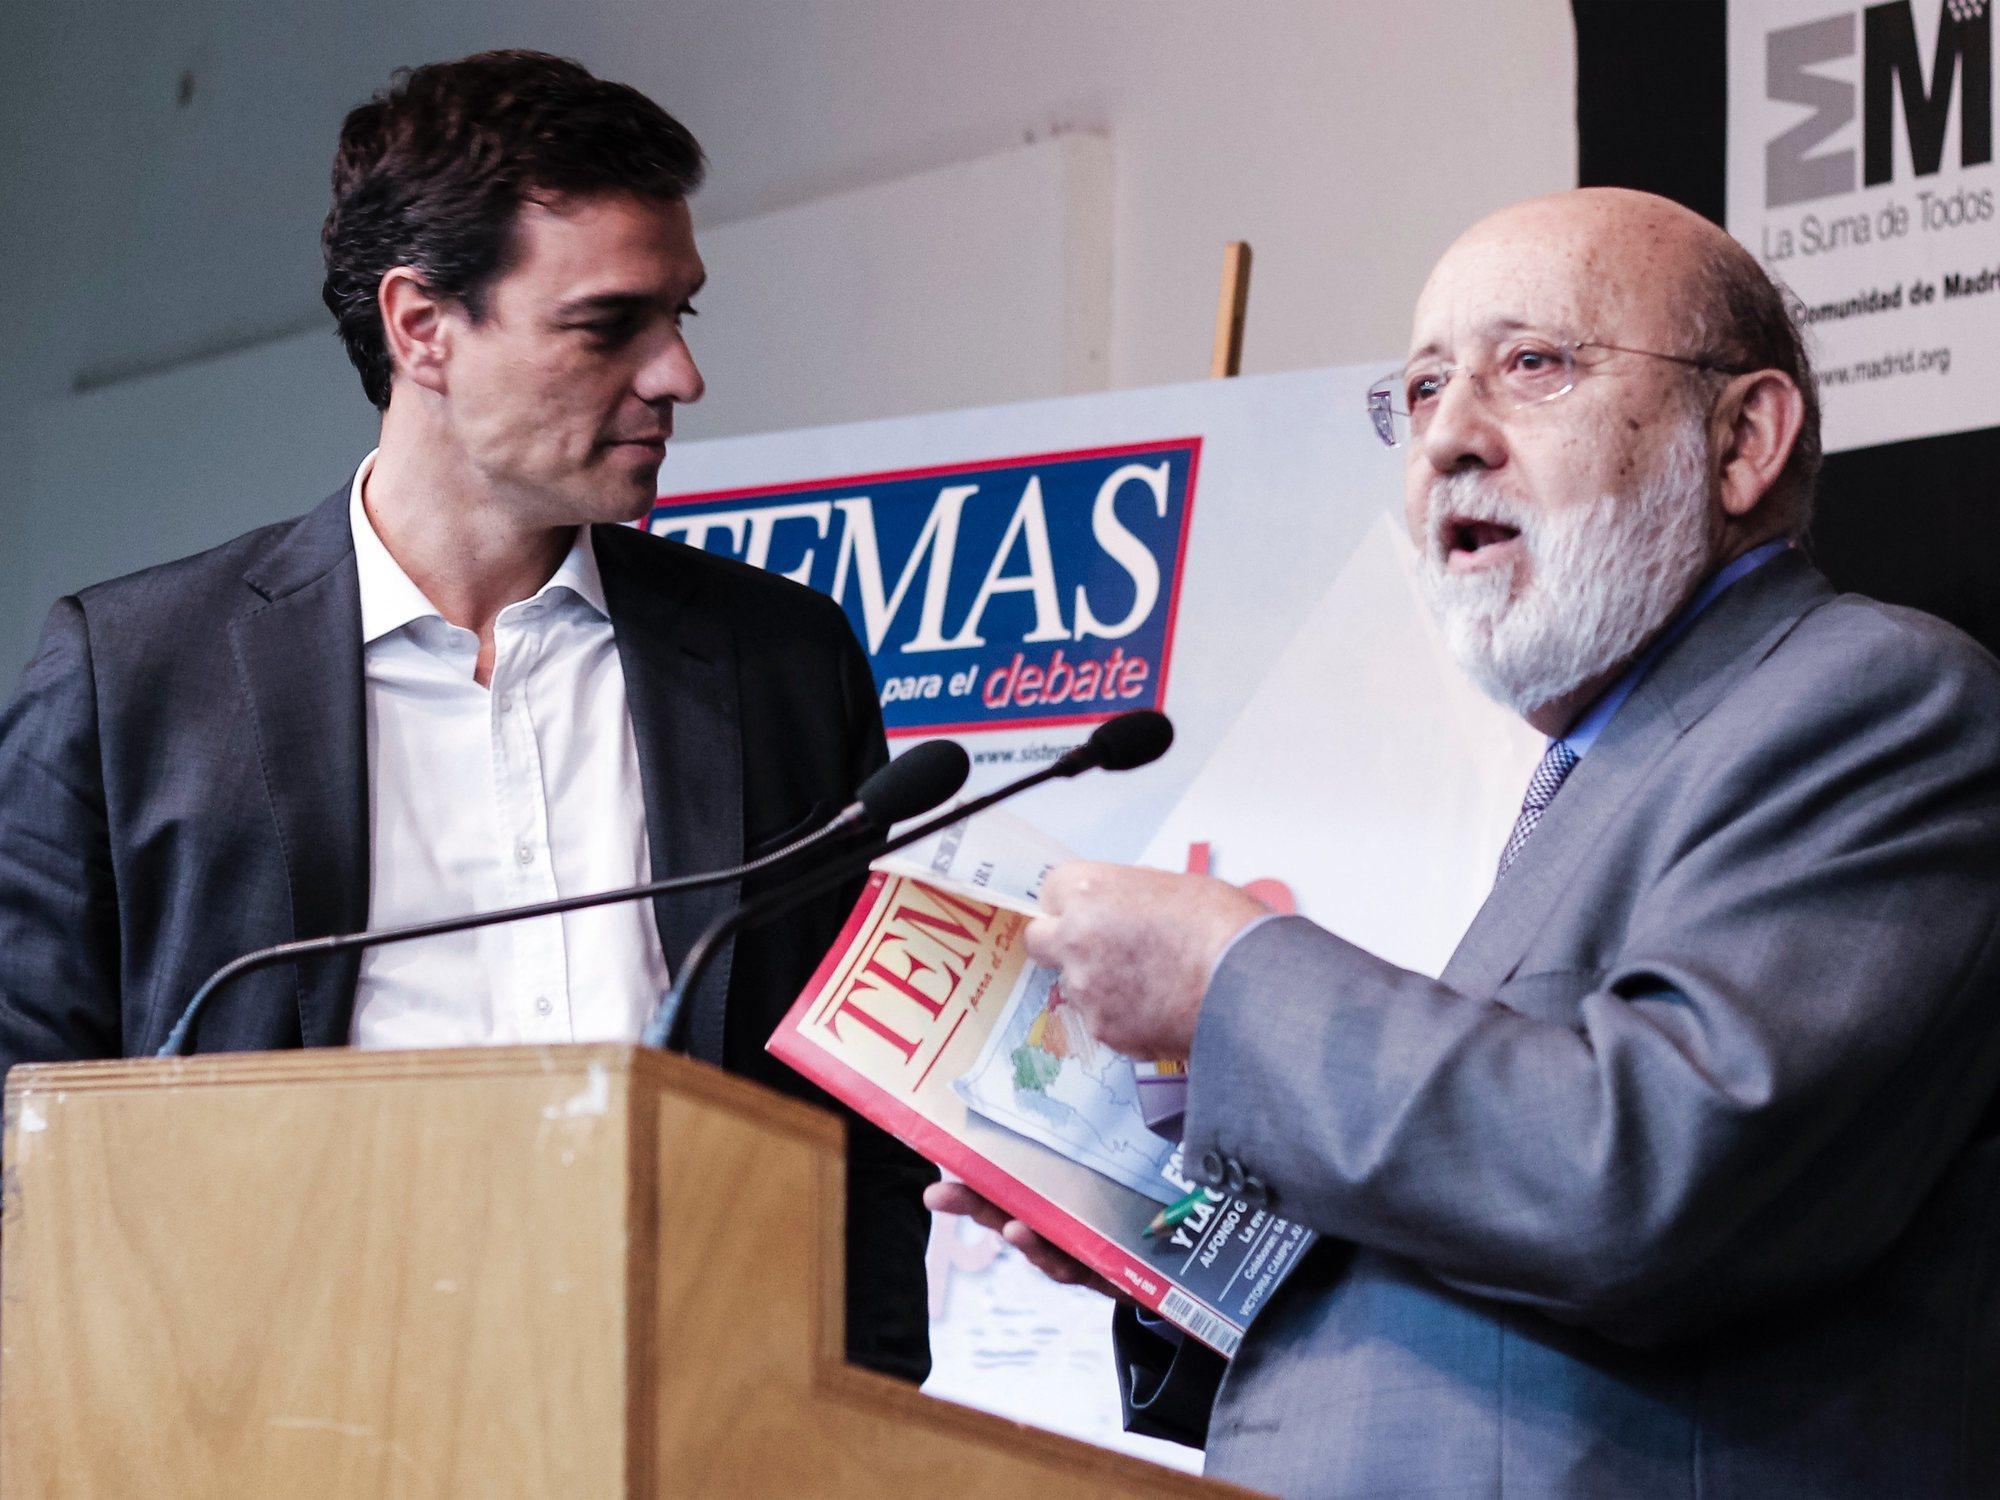 El CIS de Tezanos fue la encuesta que mejor predijo el resultado de las elecciones